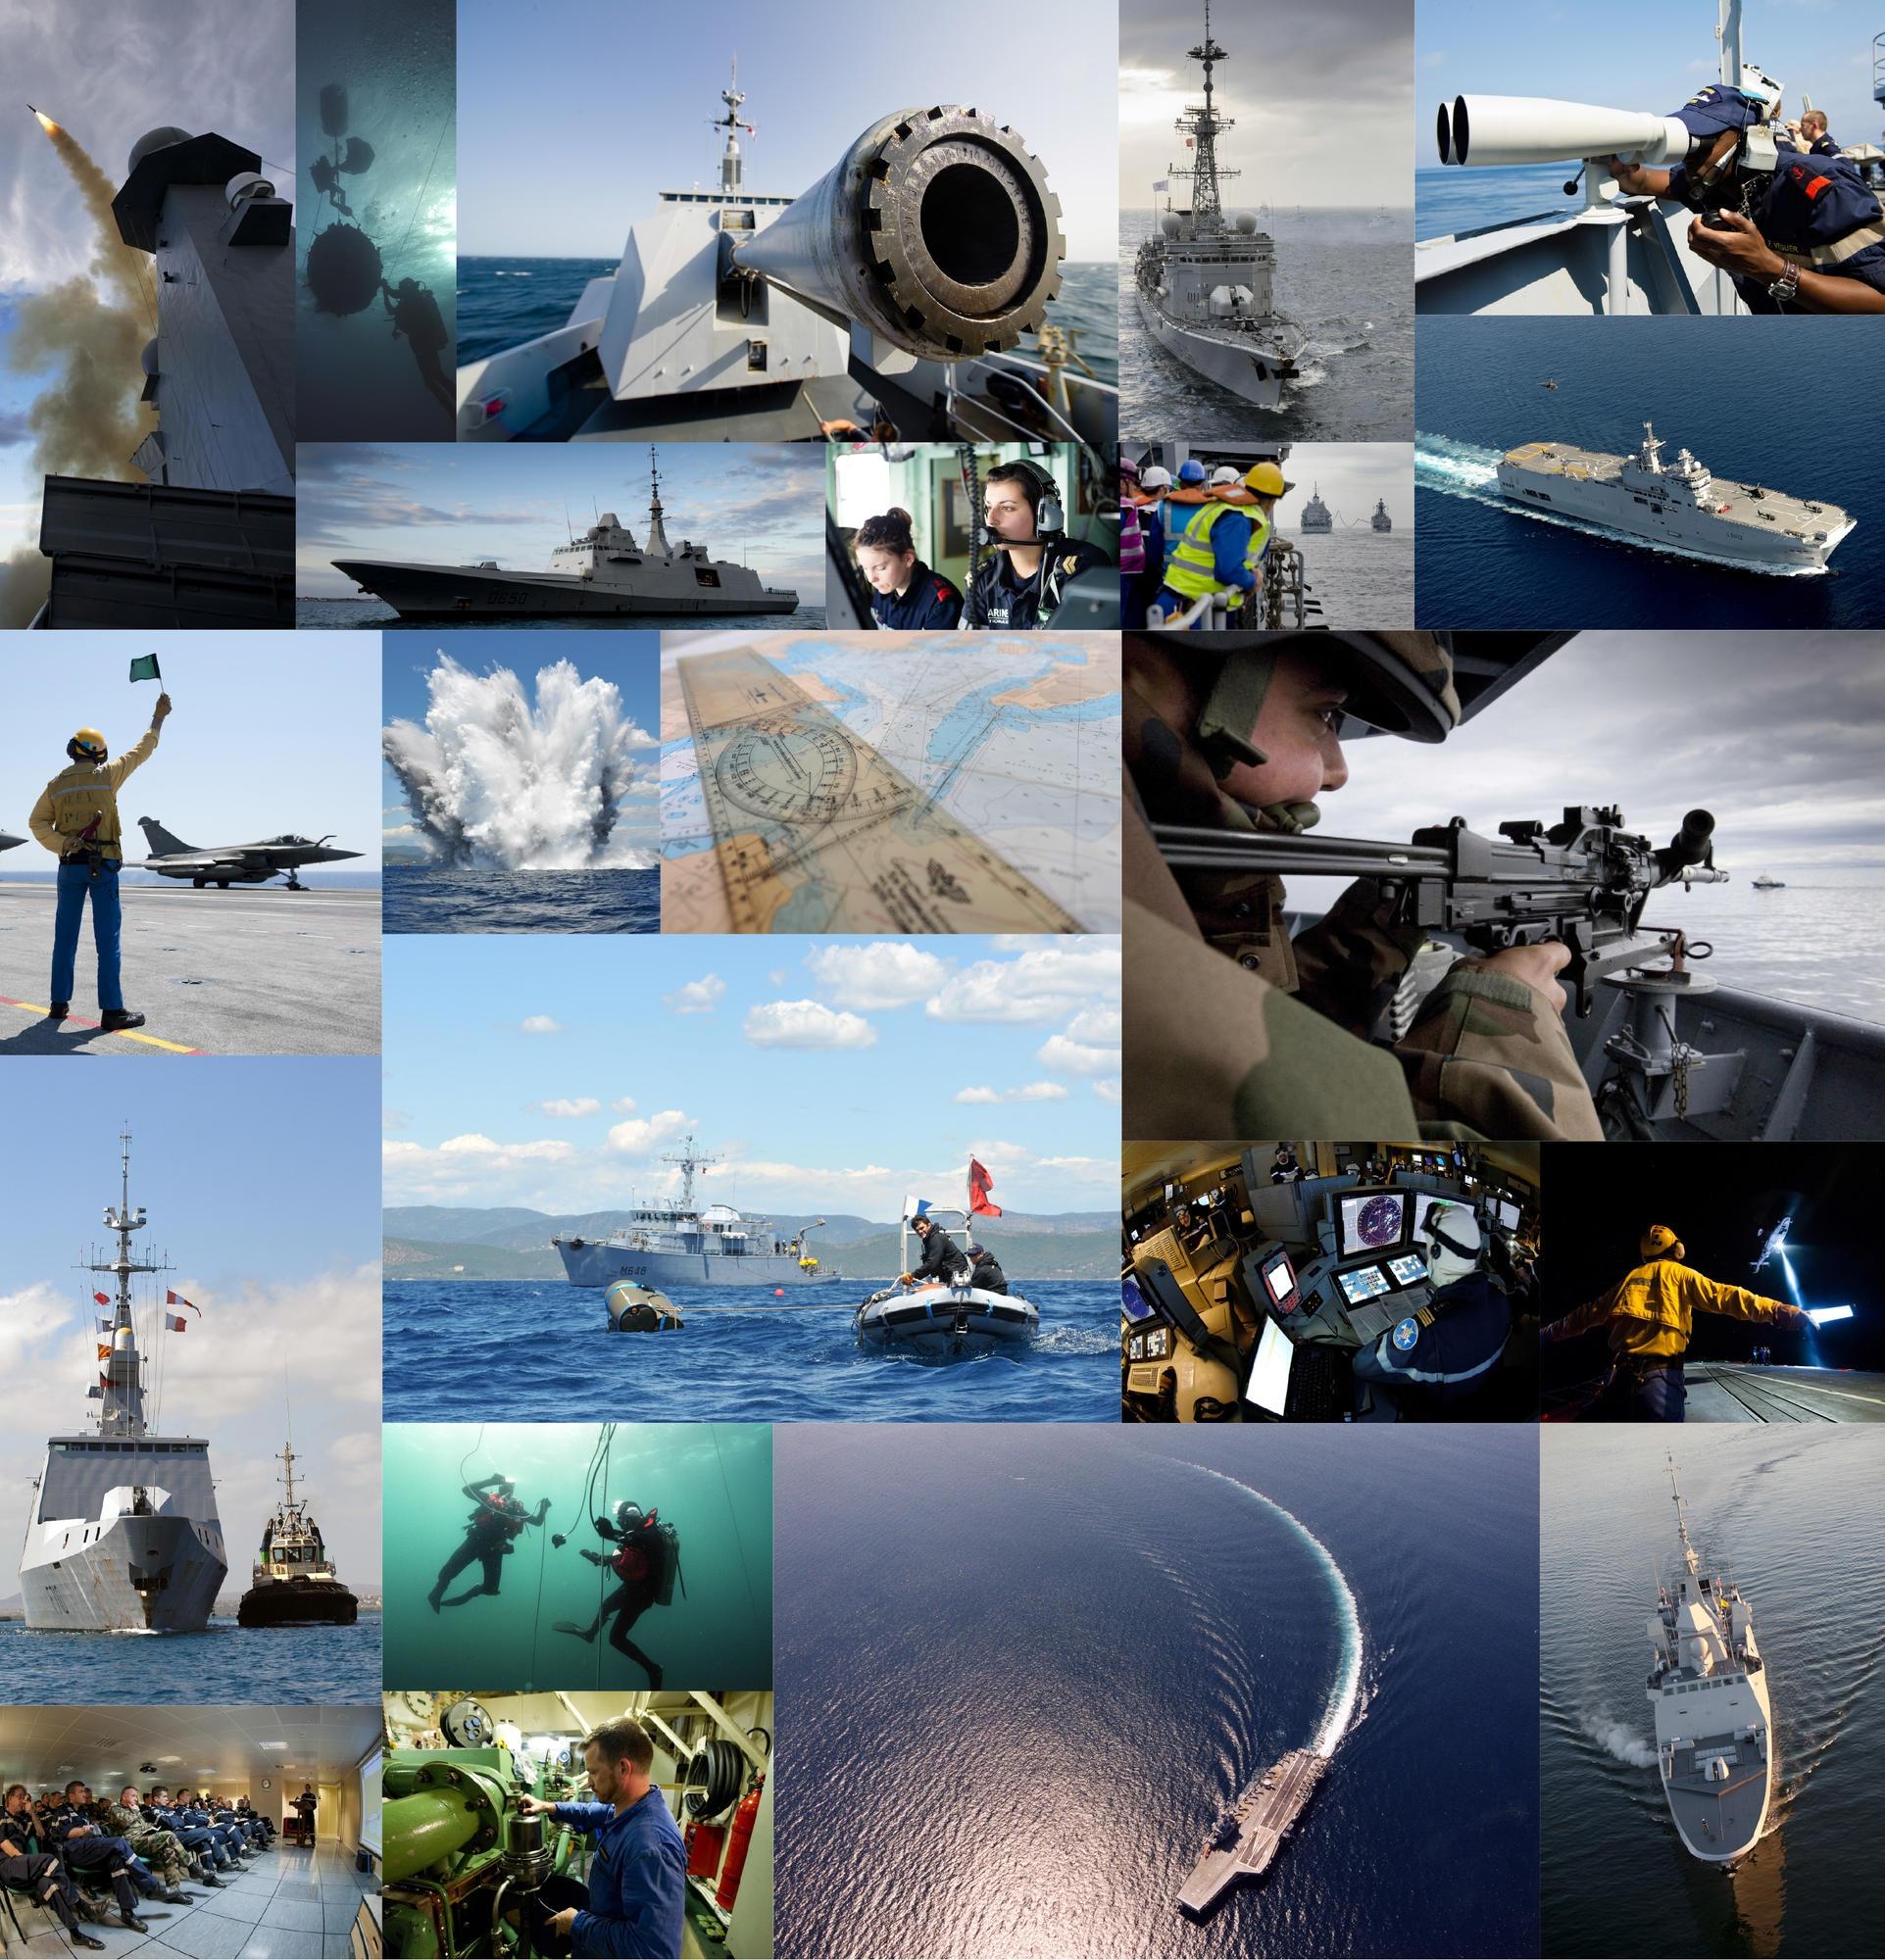 reportage,parcours,cursus,cv,stéphane dugast,cols bleus,journal,marine,embarquements,aventures,exploration,conférences,réalisateur,documentaire,mer